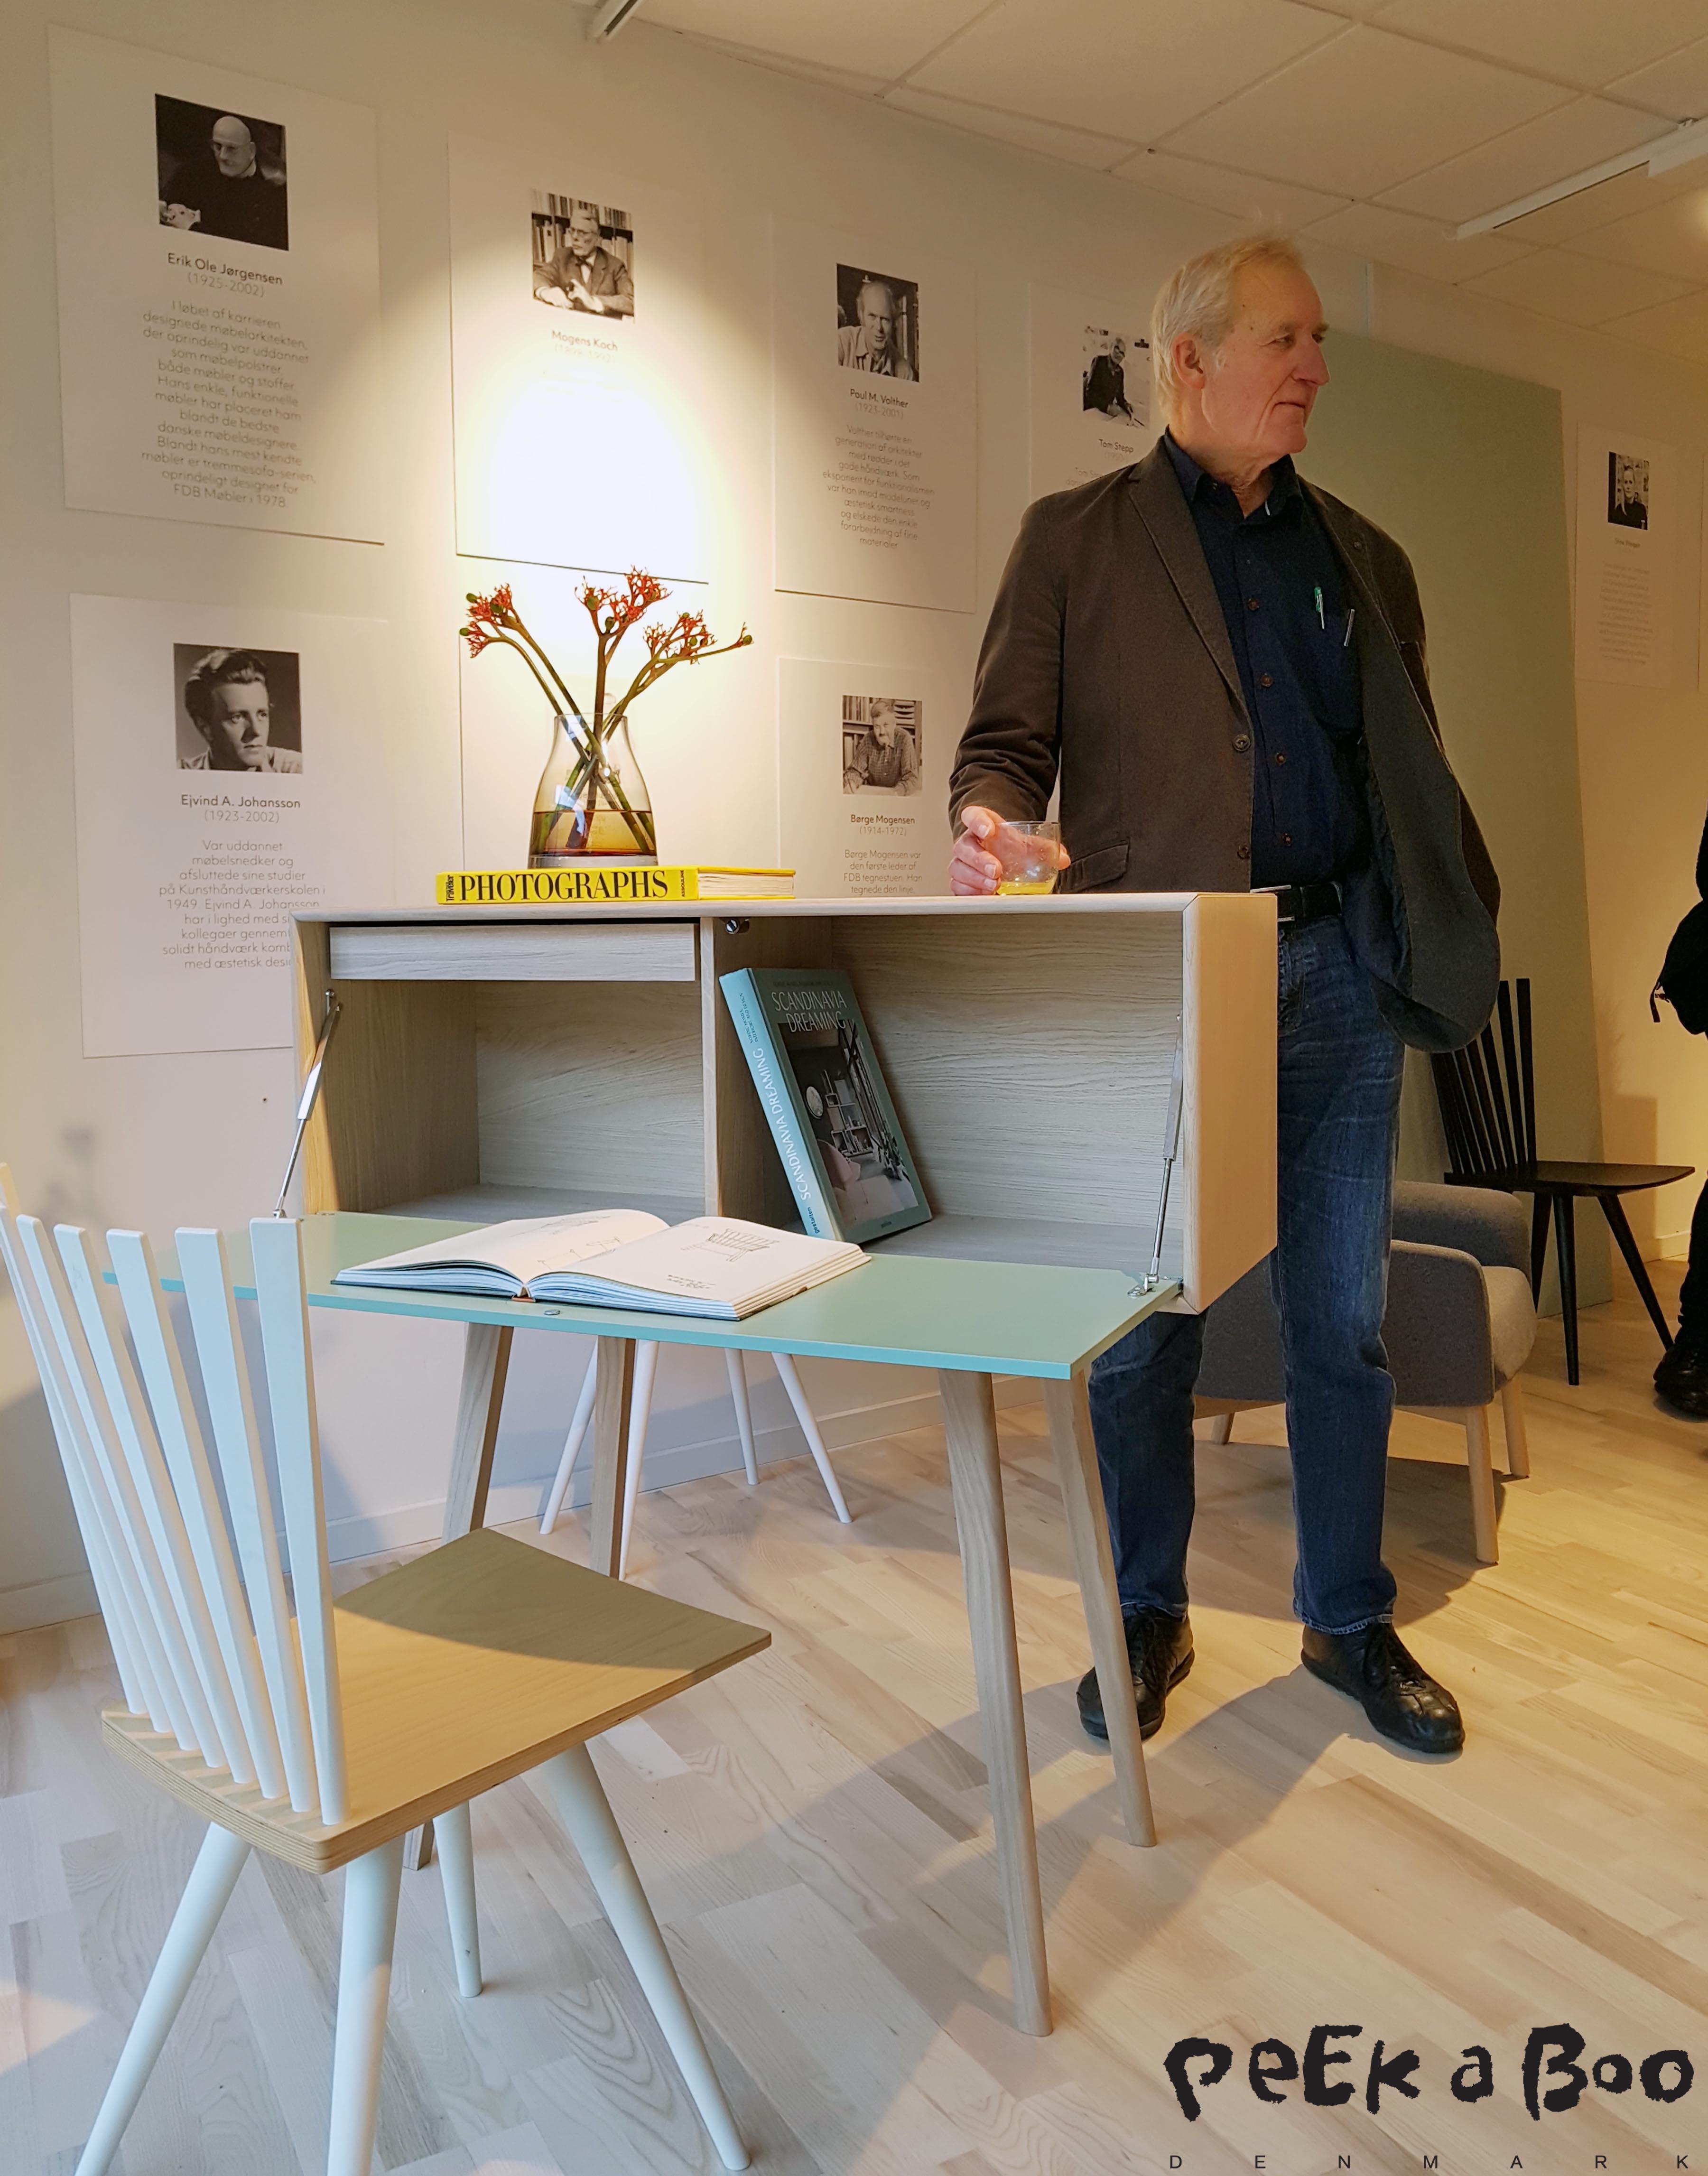 Her står Peter Hiort-Lorentzen ved sekretæren, som han har designet sammen med Johannes Foersom.